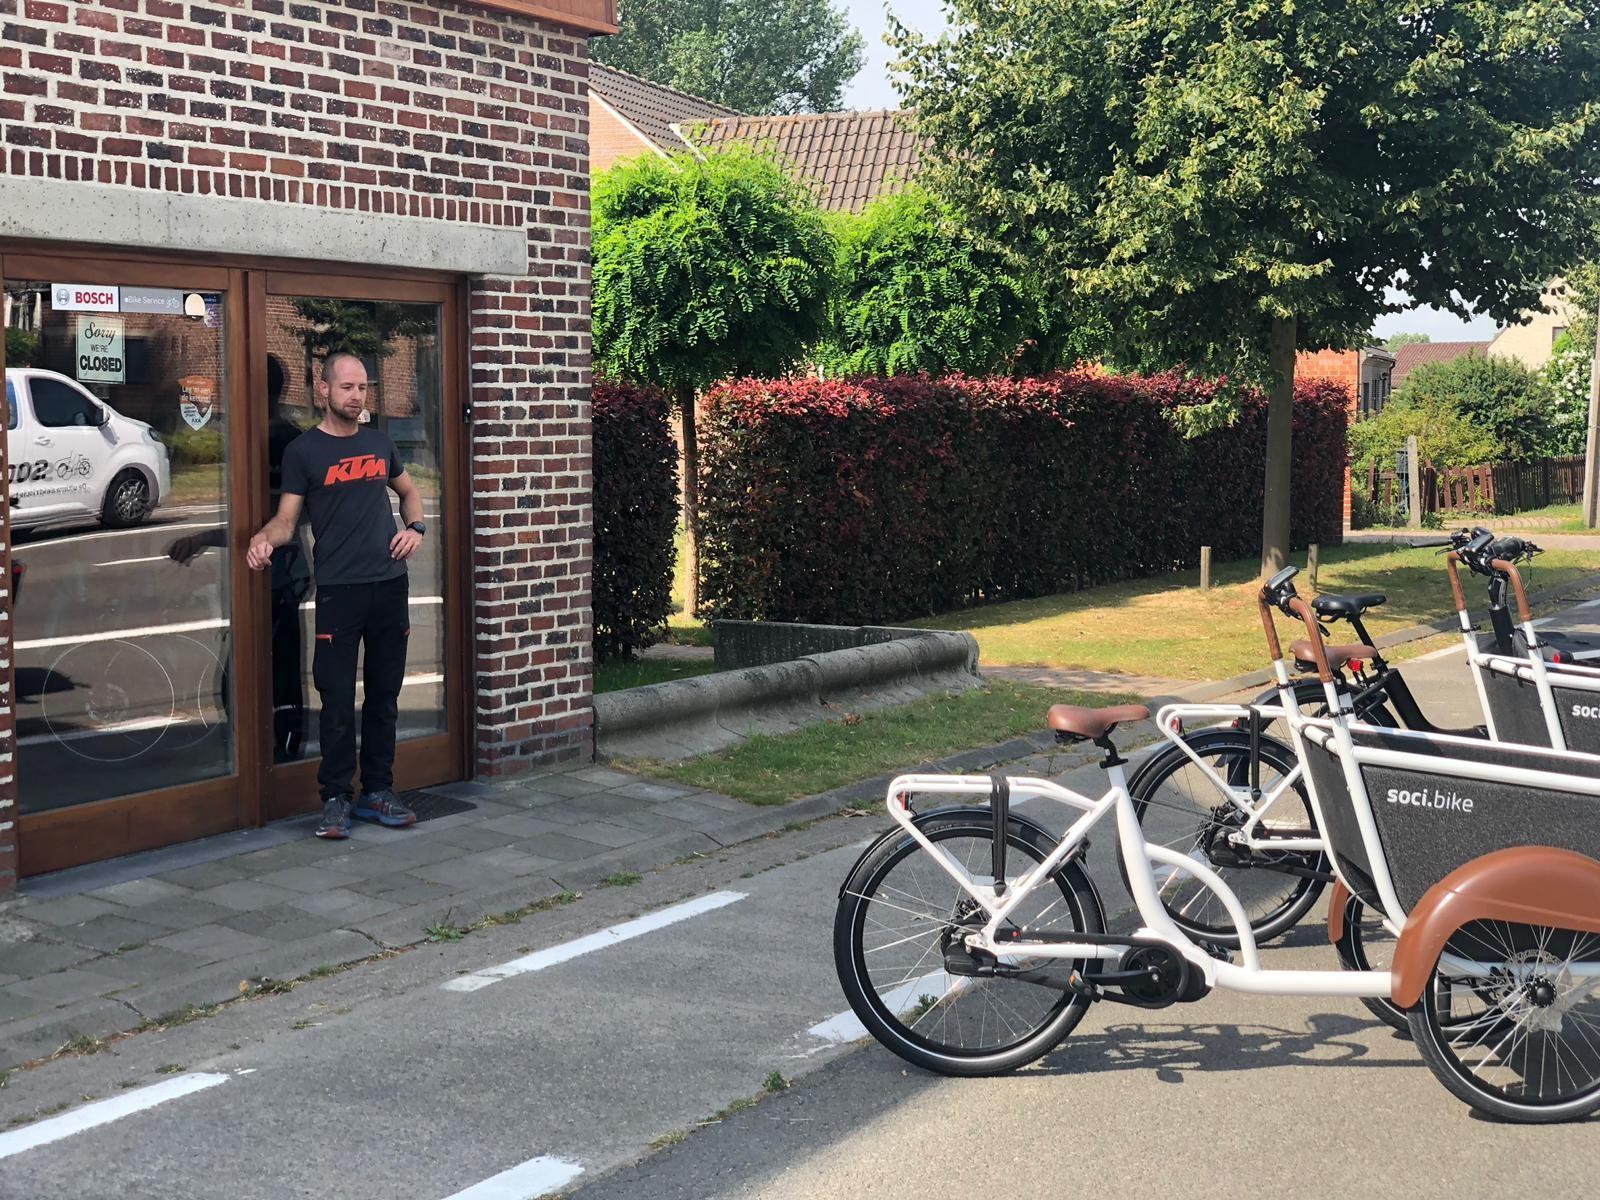 Over soci.bike ambassadeur Special-e-Bikes